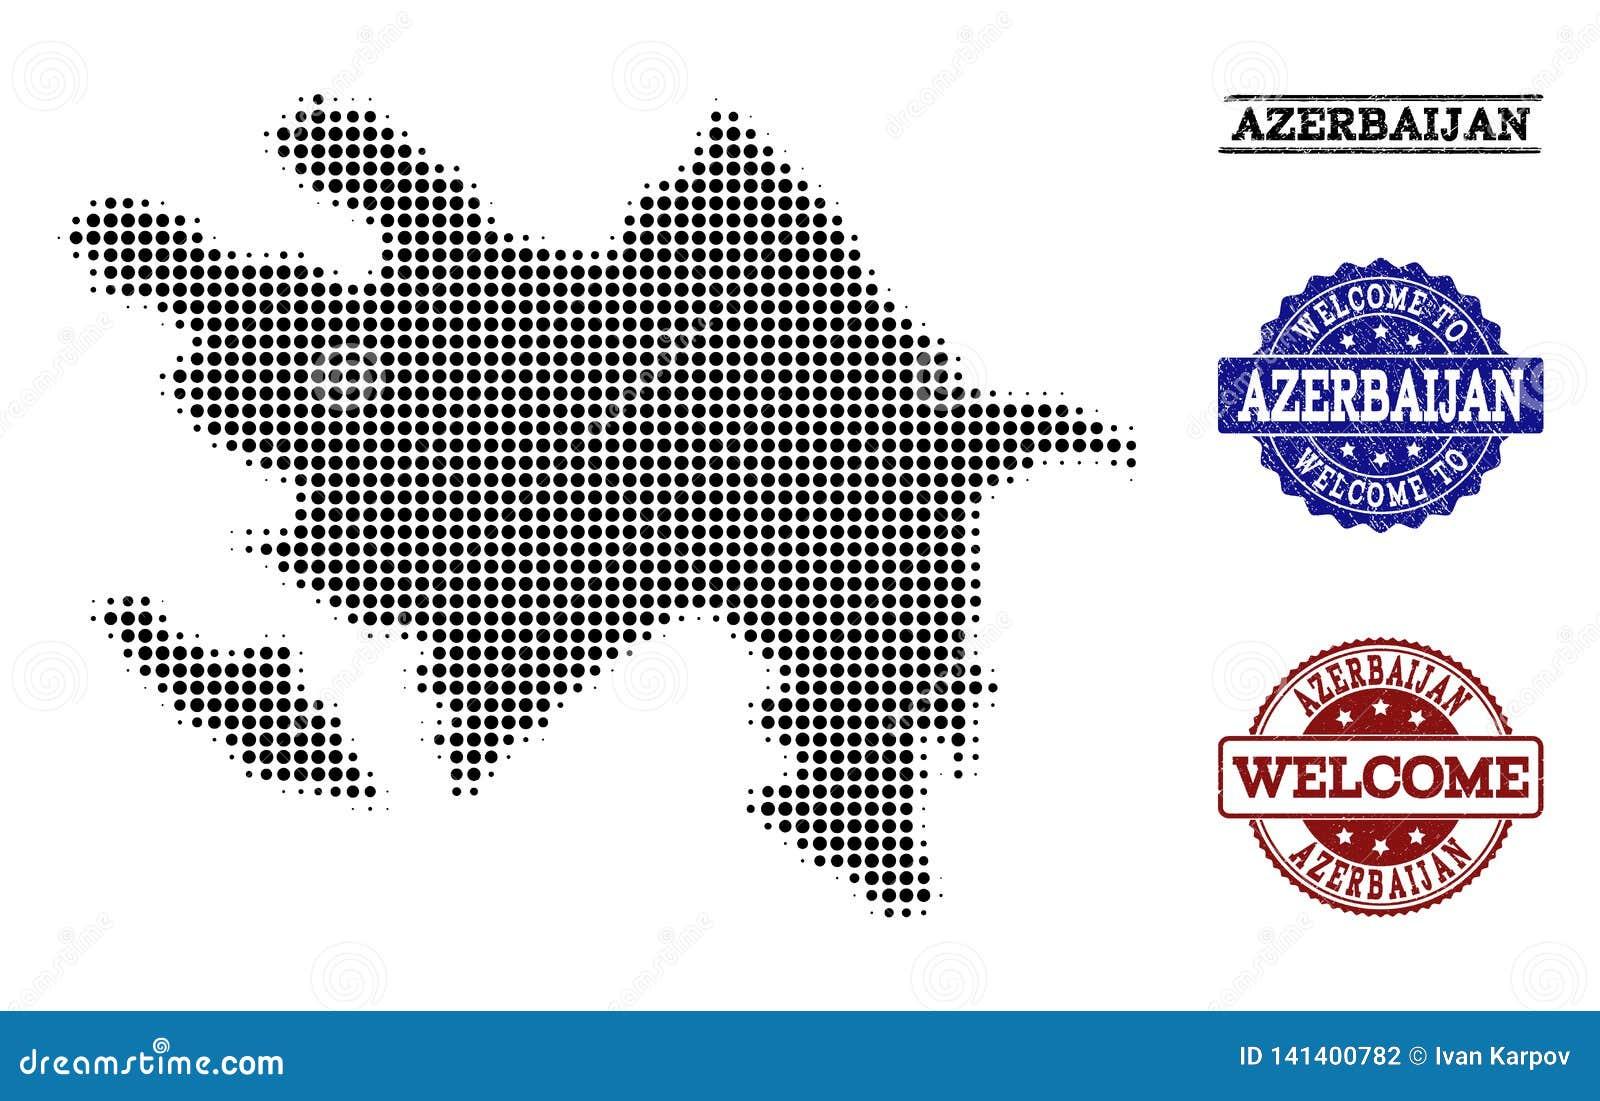 Colagem bem-vinda do mapa de intervalo mínimo de Azerbaijão e de selos riscados